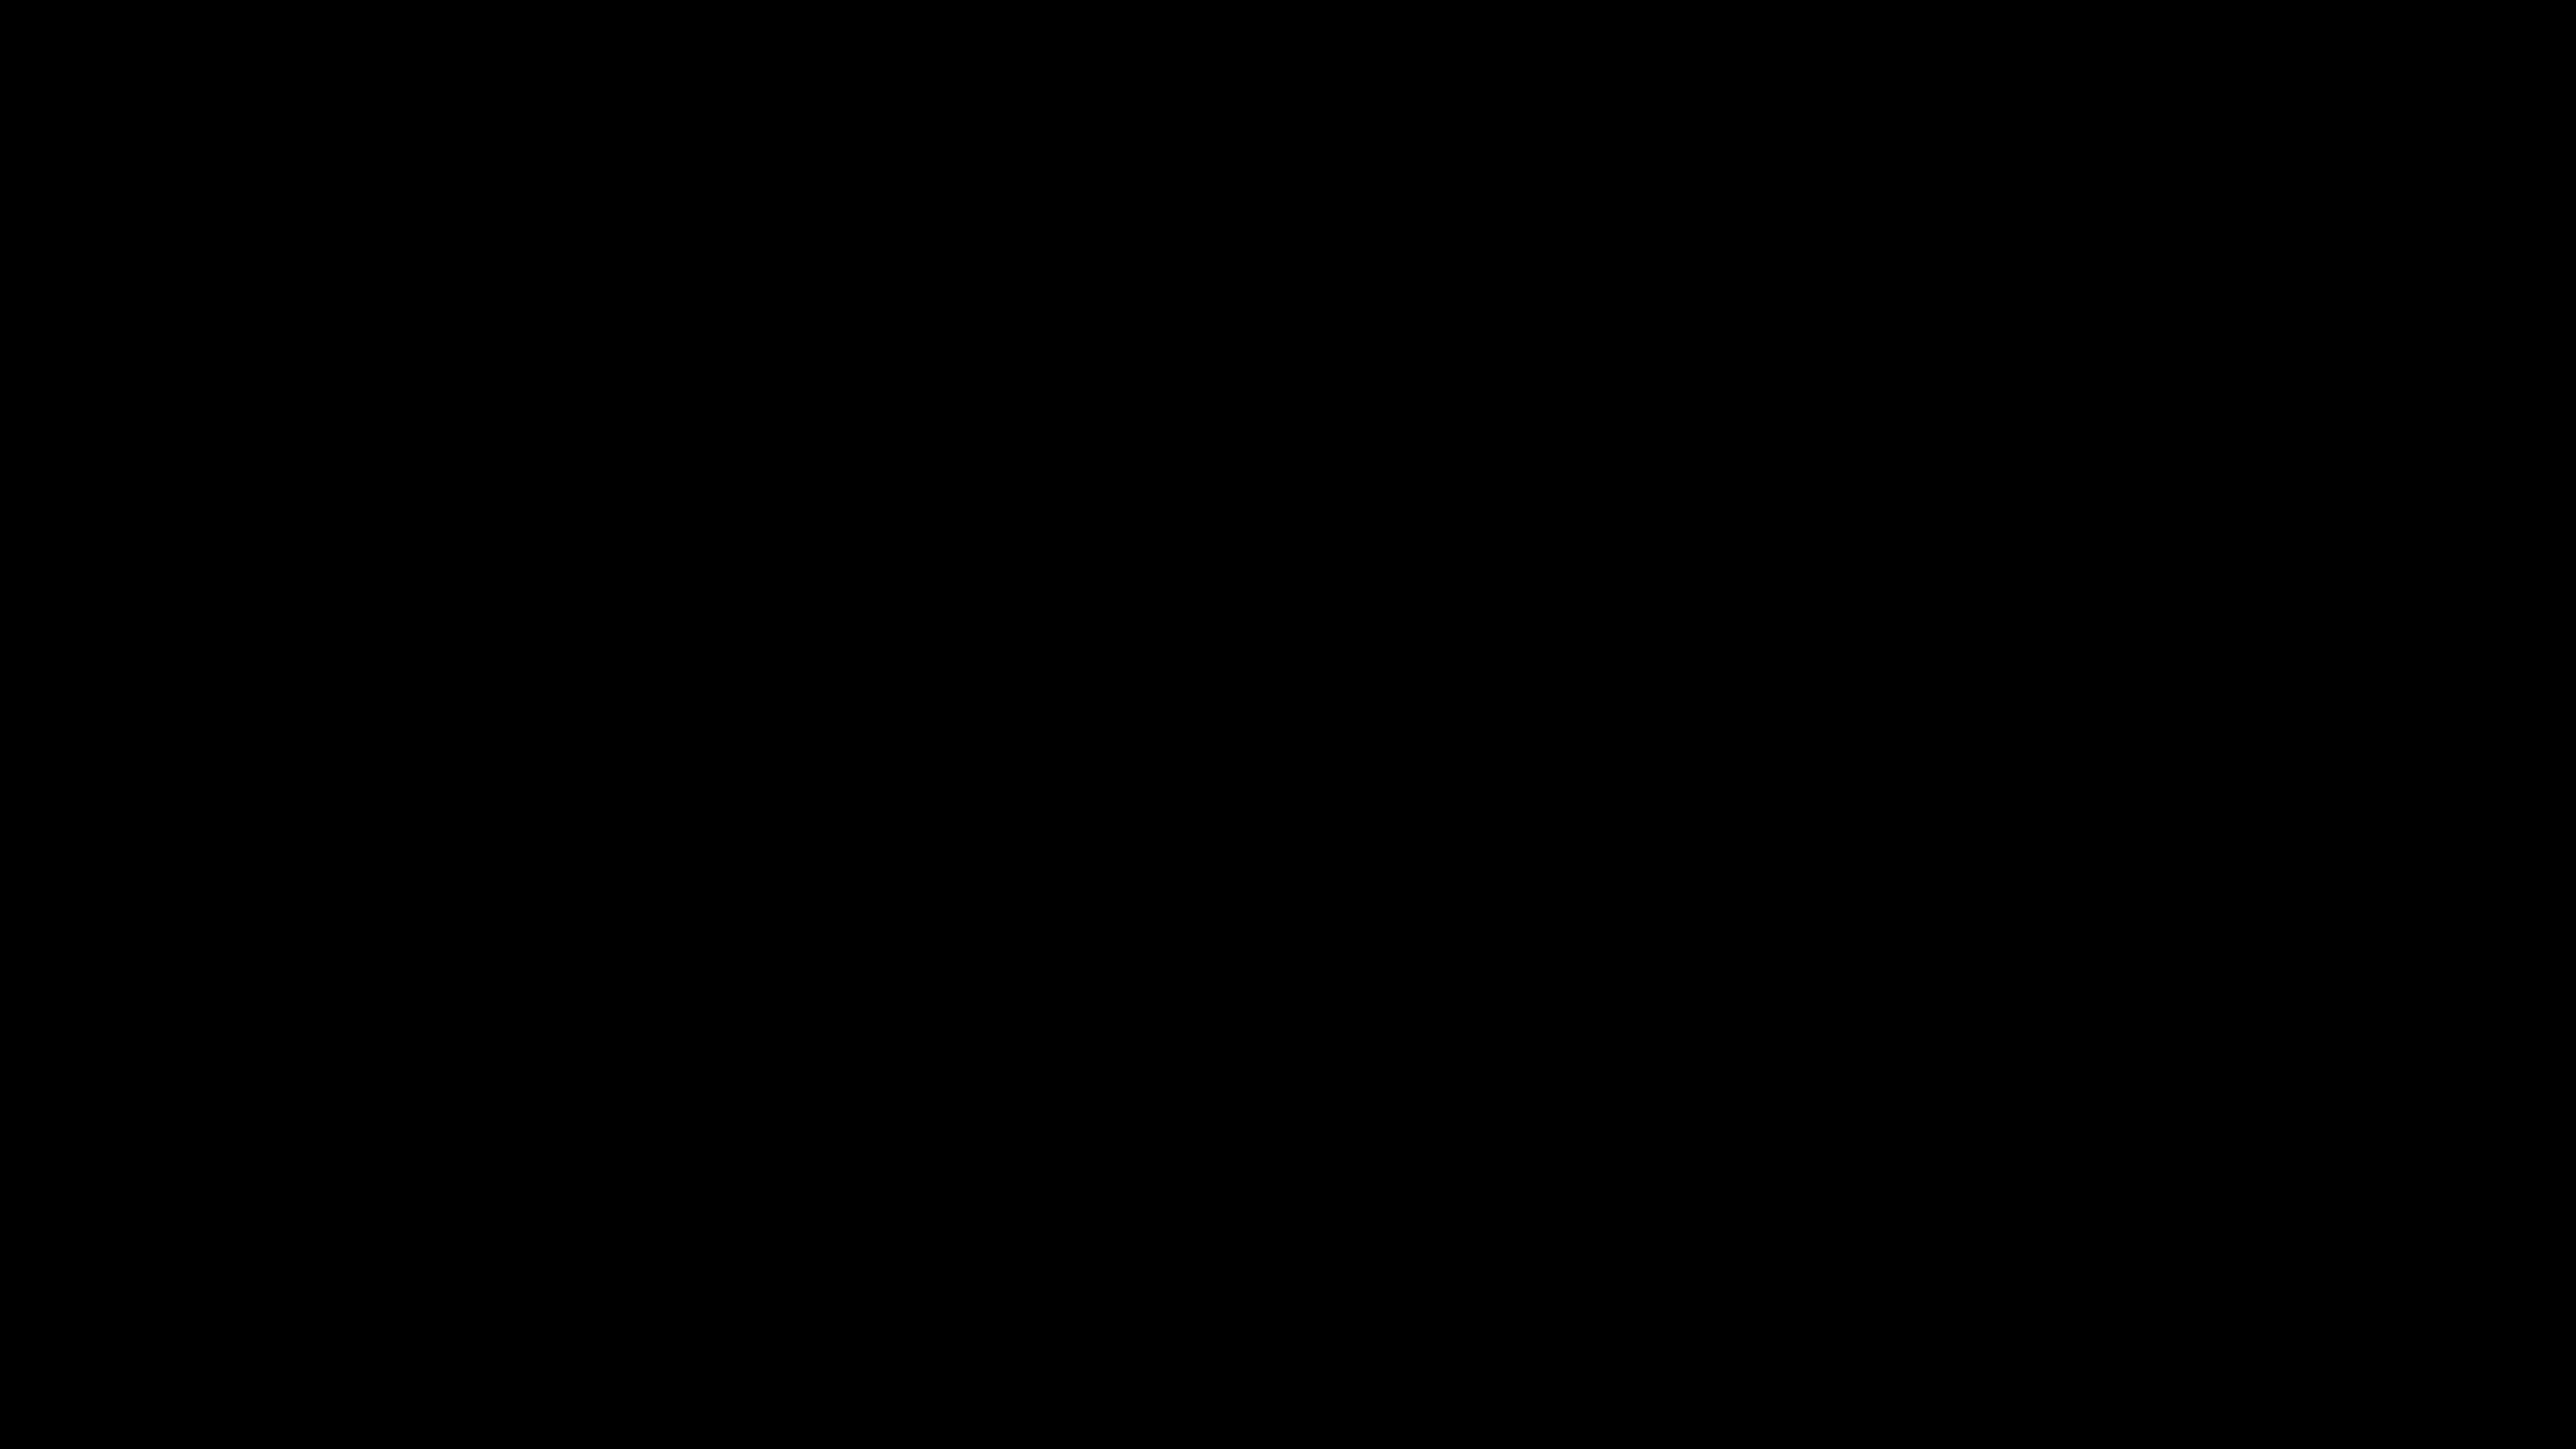 20180411_0915391-min